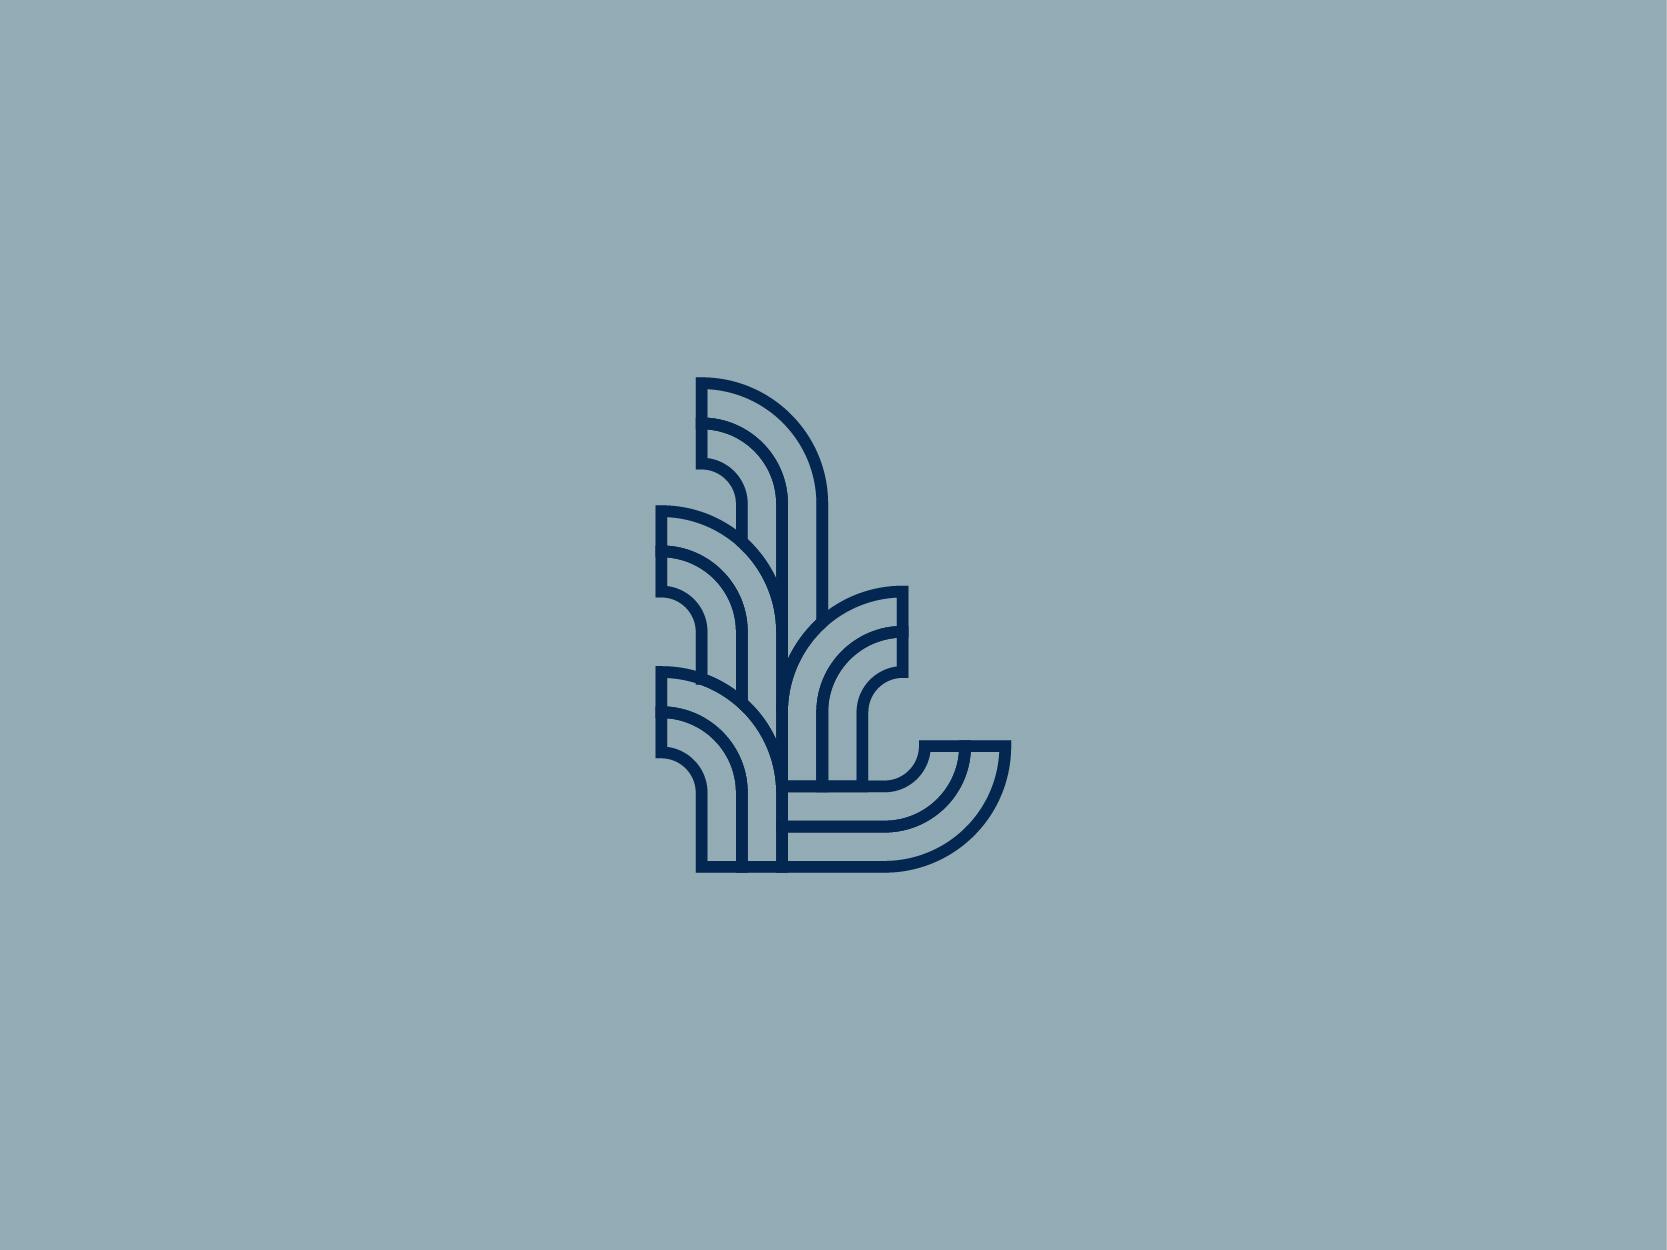 LIRN_unused mark-01.jpg